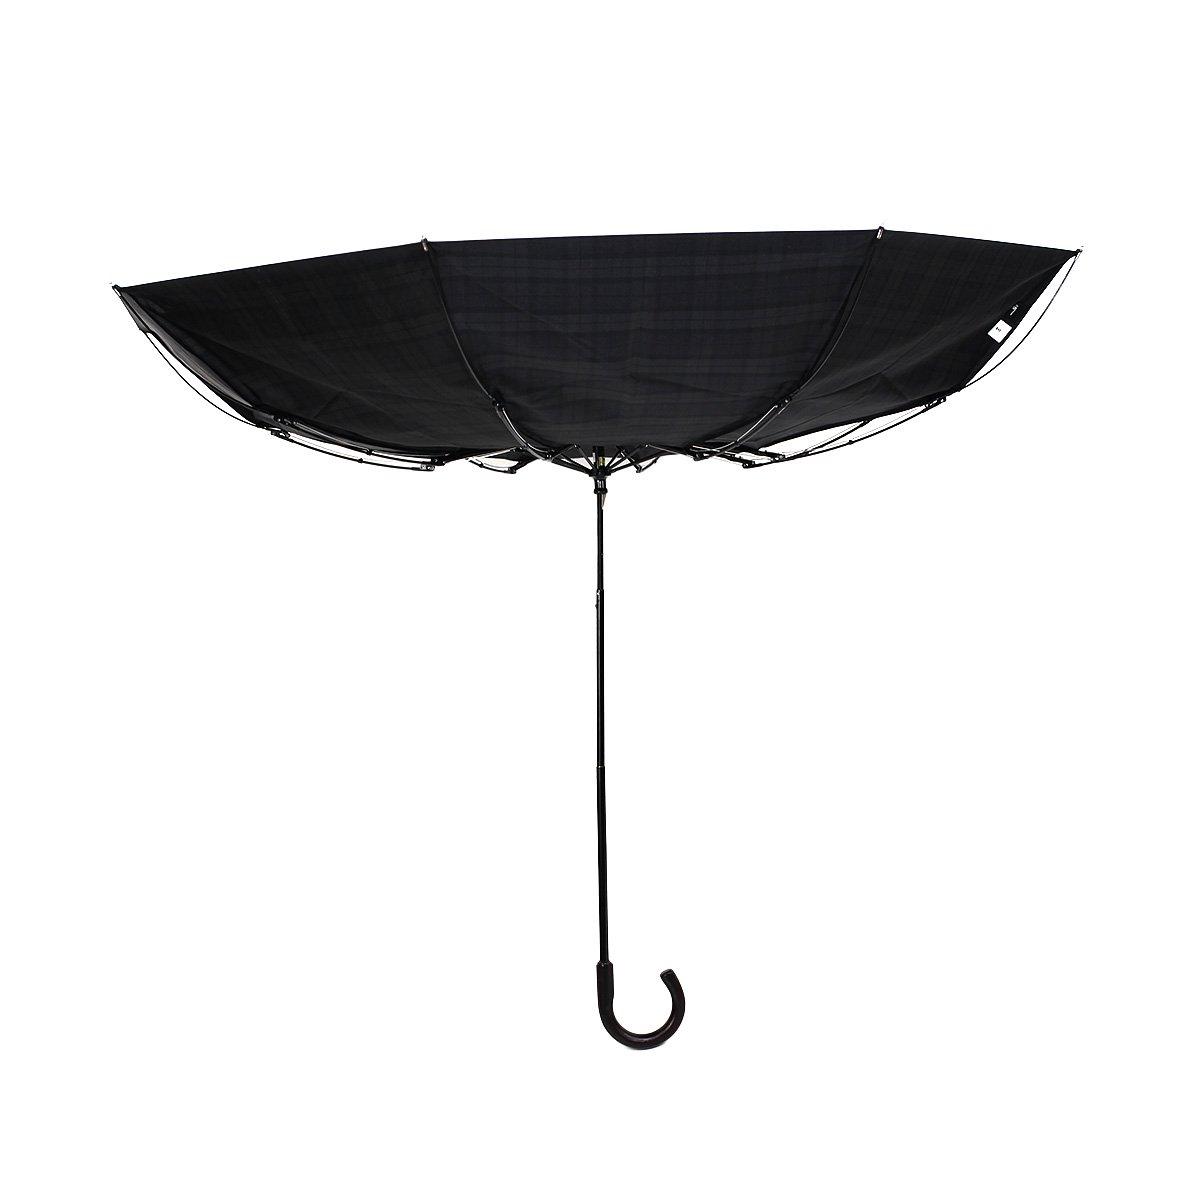 アーガイル 耐風骨 折りたたみ傘 詳細画像9